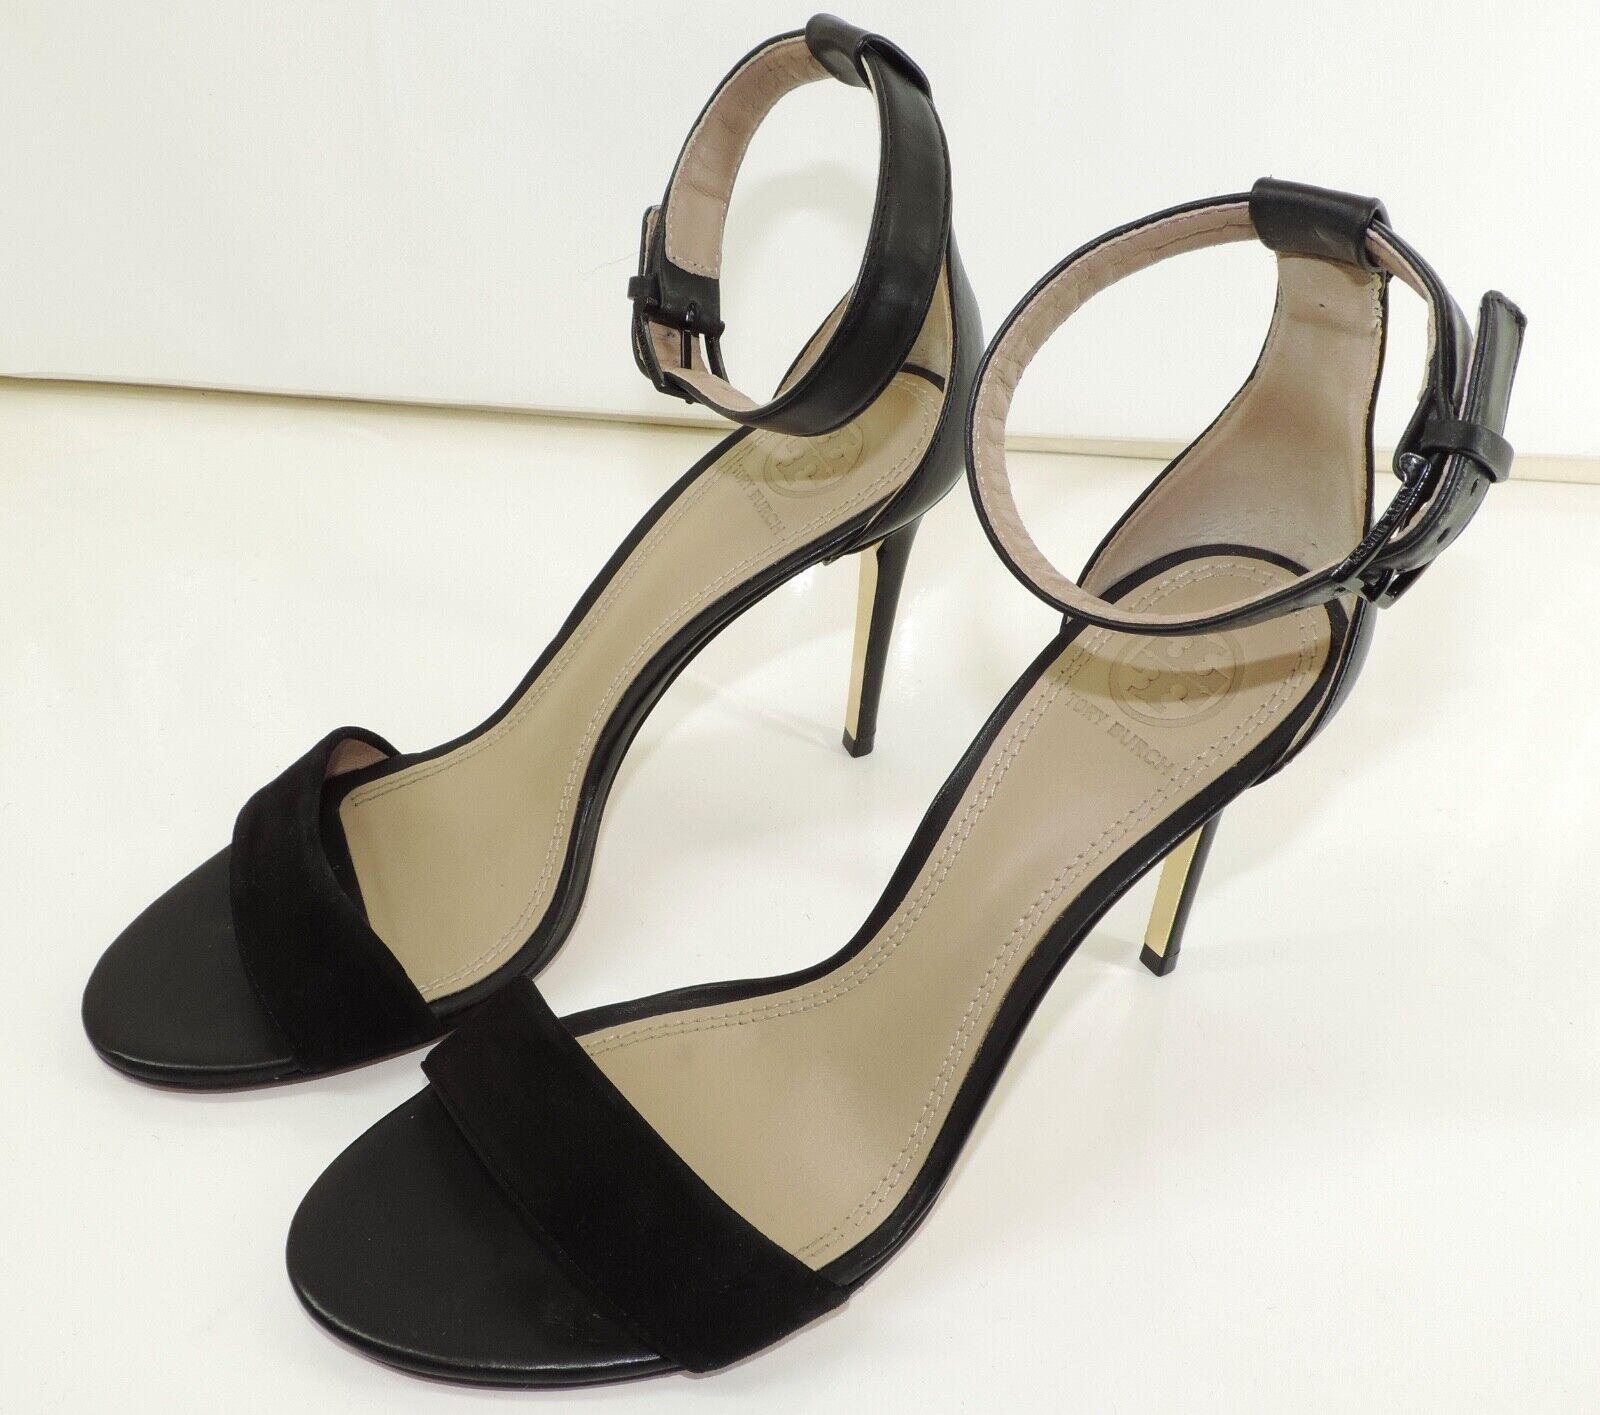 Tory  Burch Original donna Sandals  Dimensione 8M  39  la migliore moda